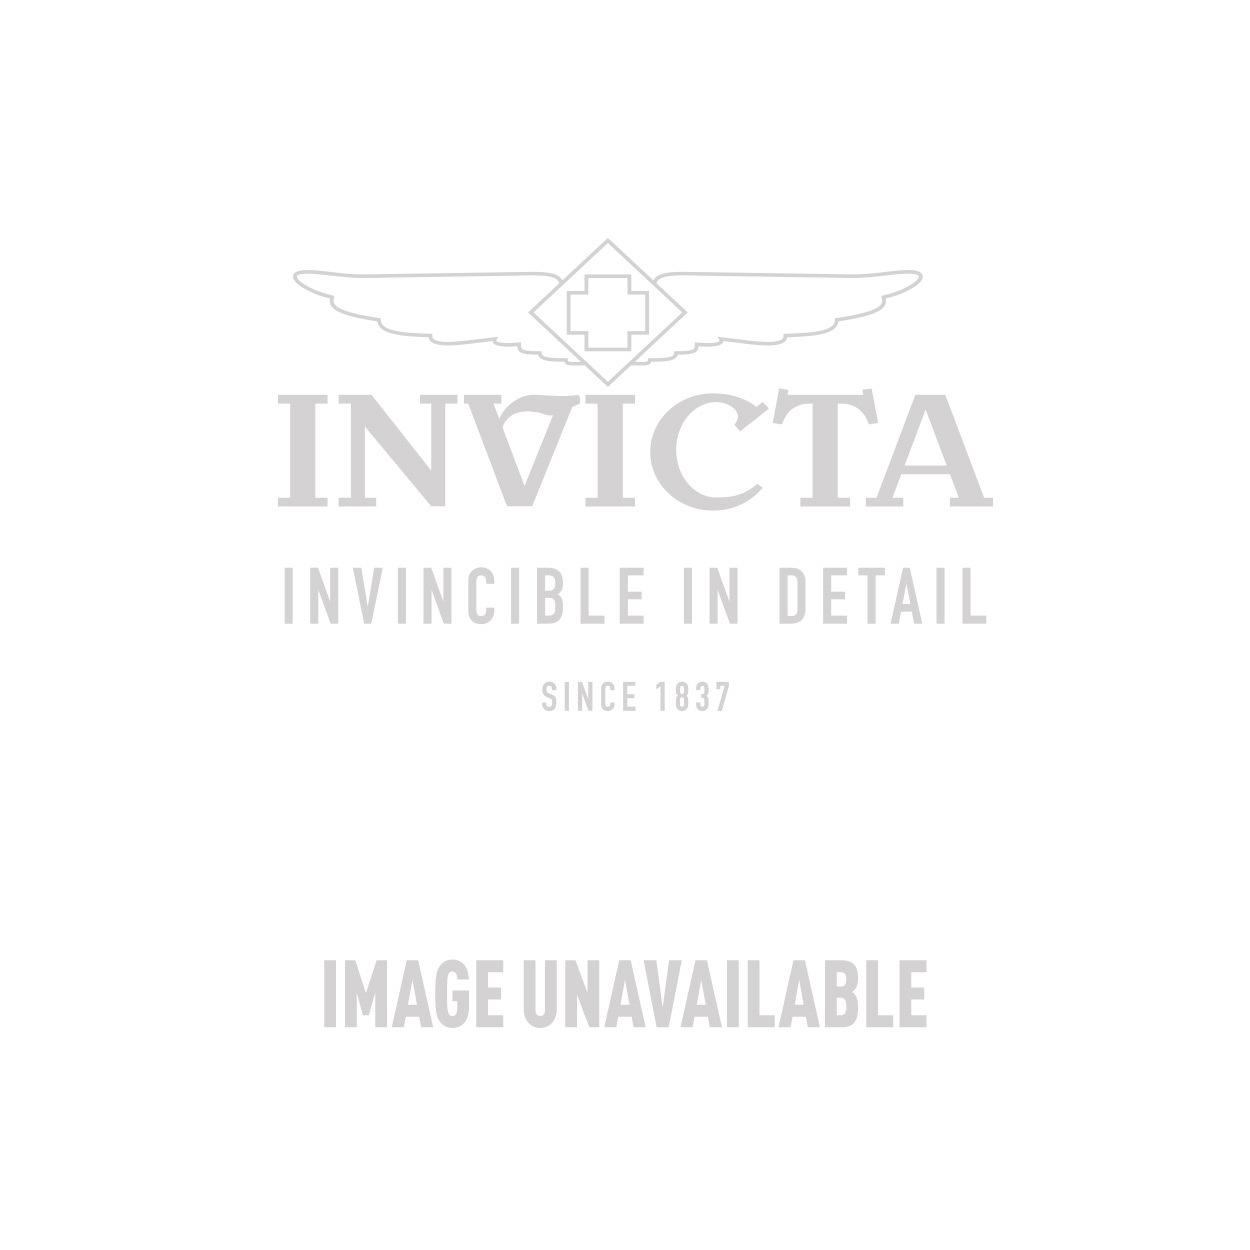 Invicta Model 29666